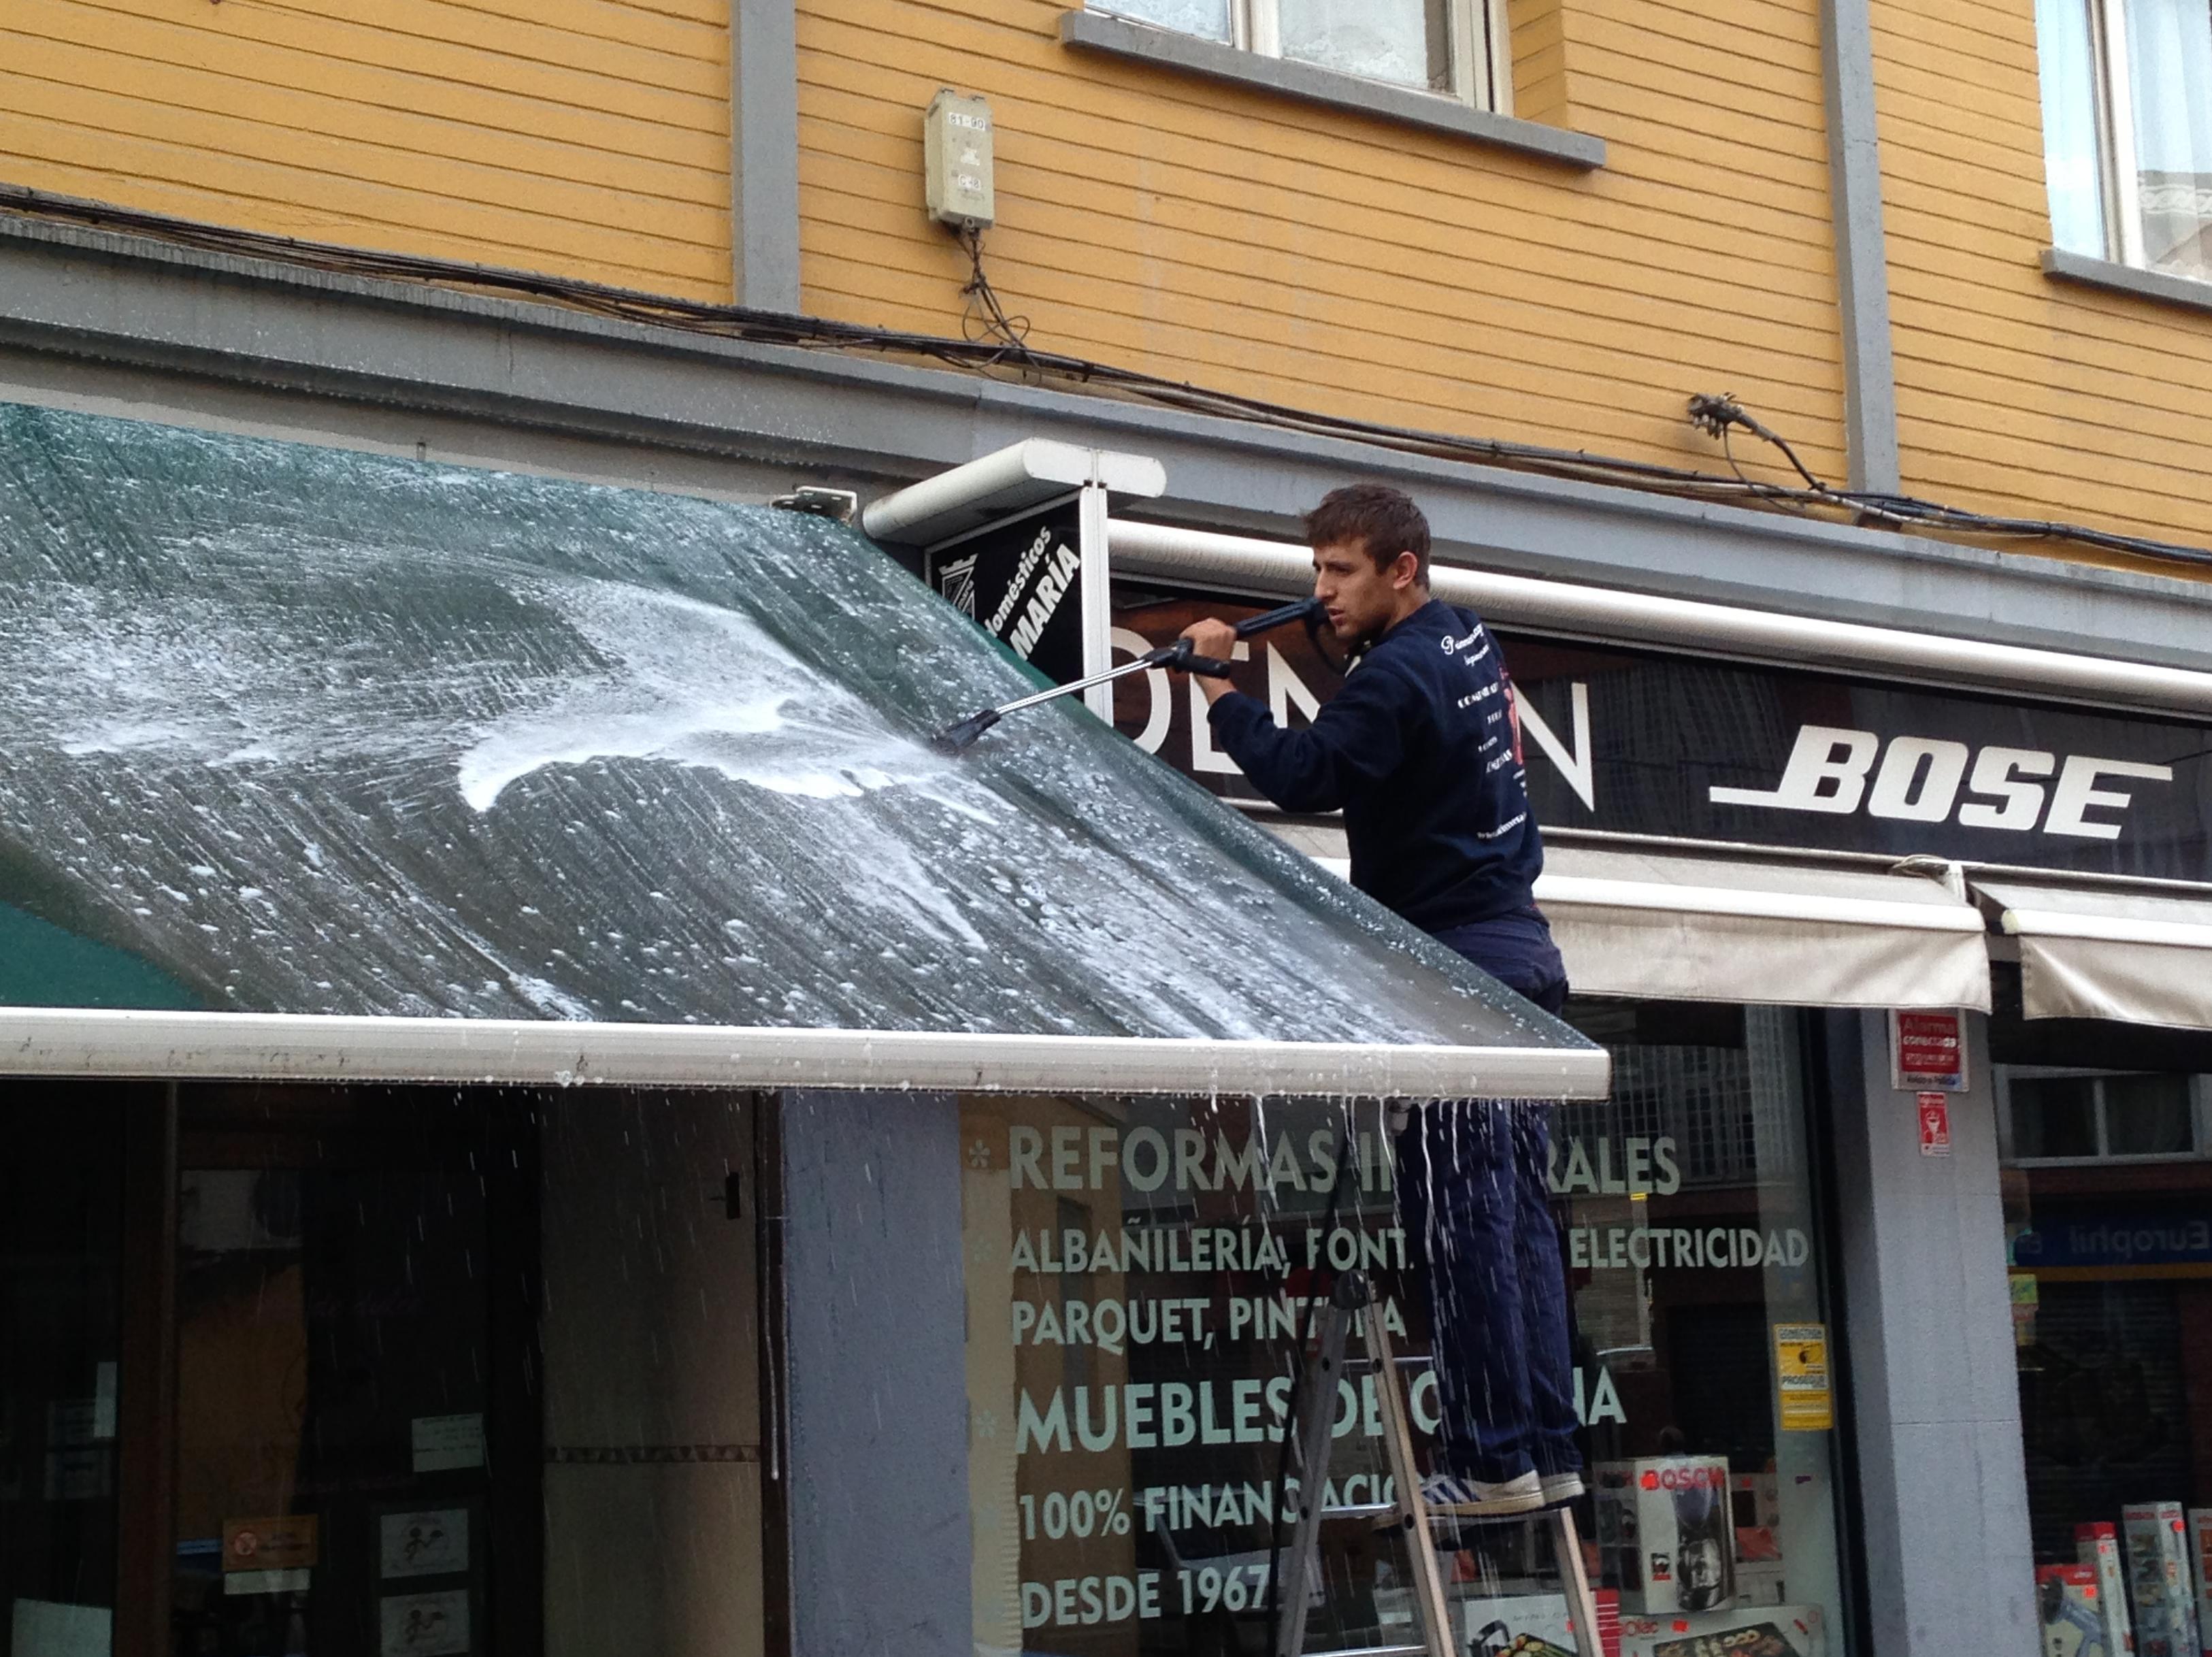 Limpieza de toldos en madrid servicios de primera imagen - Toldos para lluvia ...